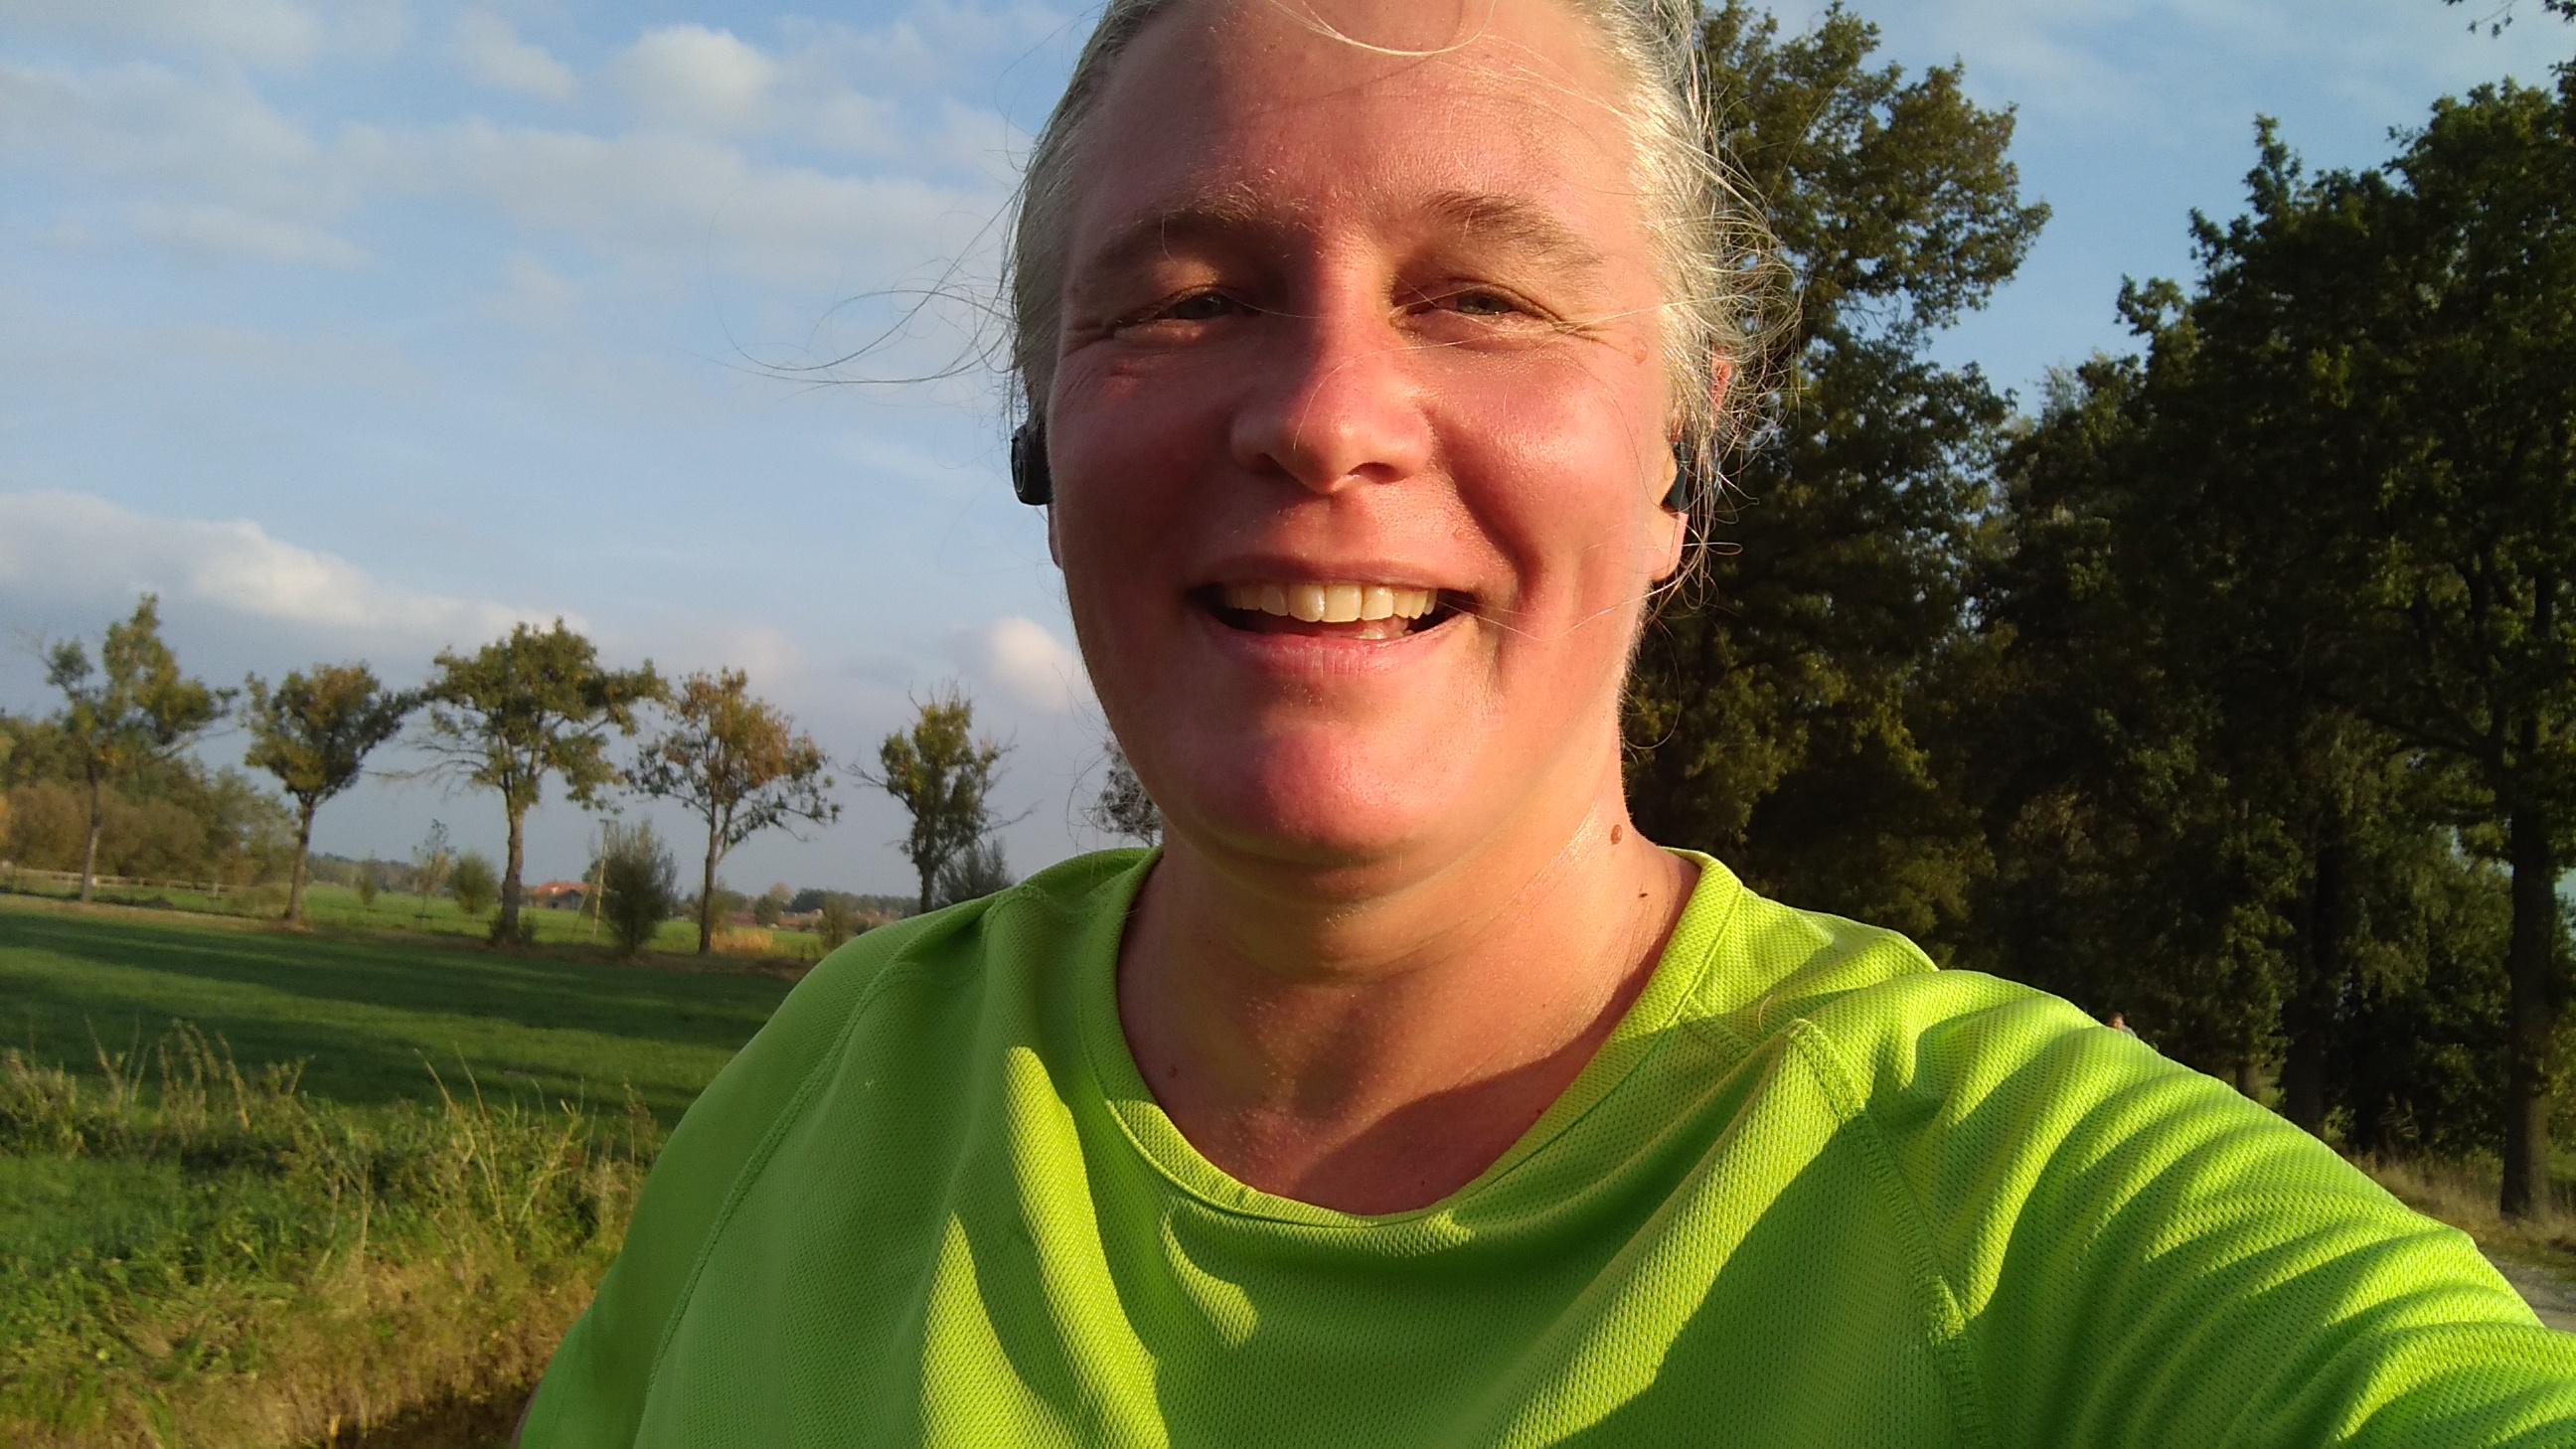 4 x 1 minuut wandelen + 7 minuten hardlopen